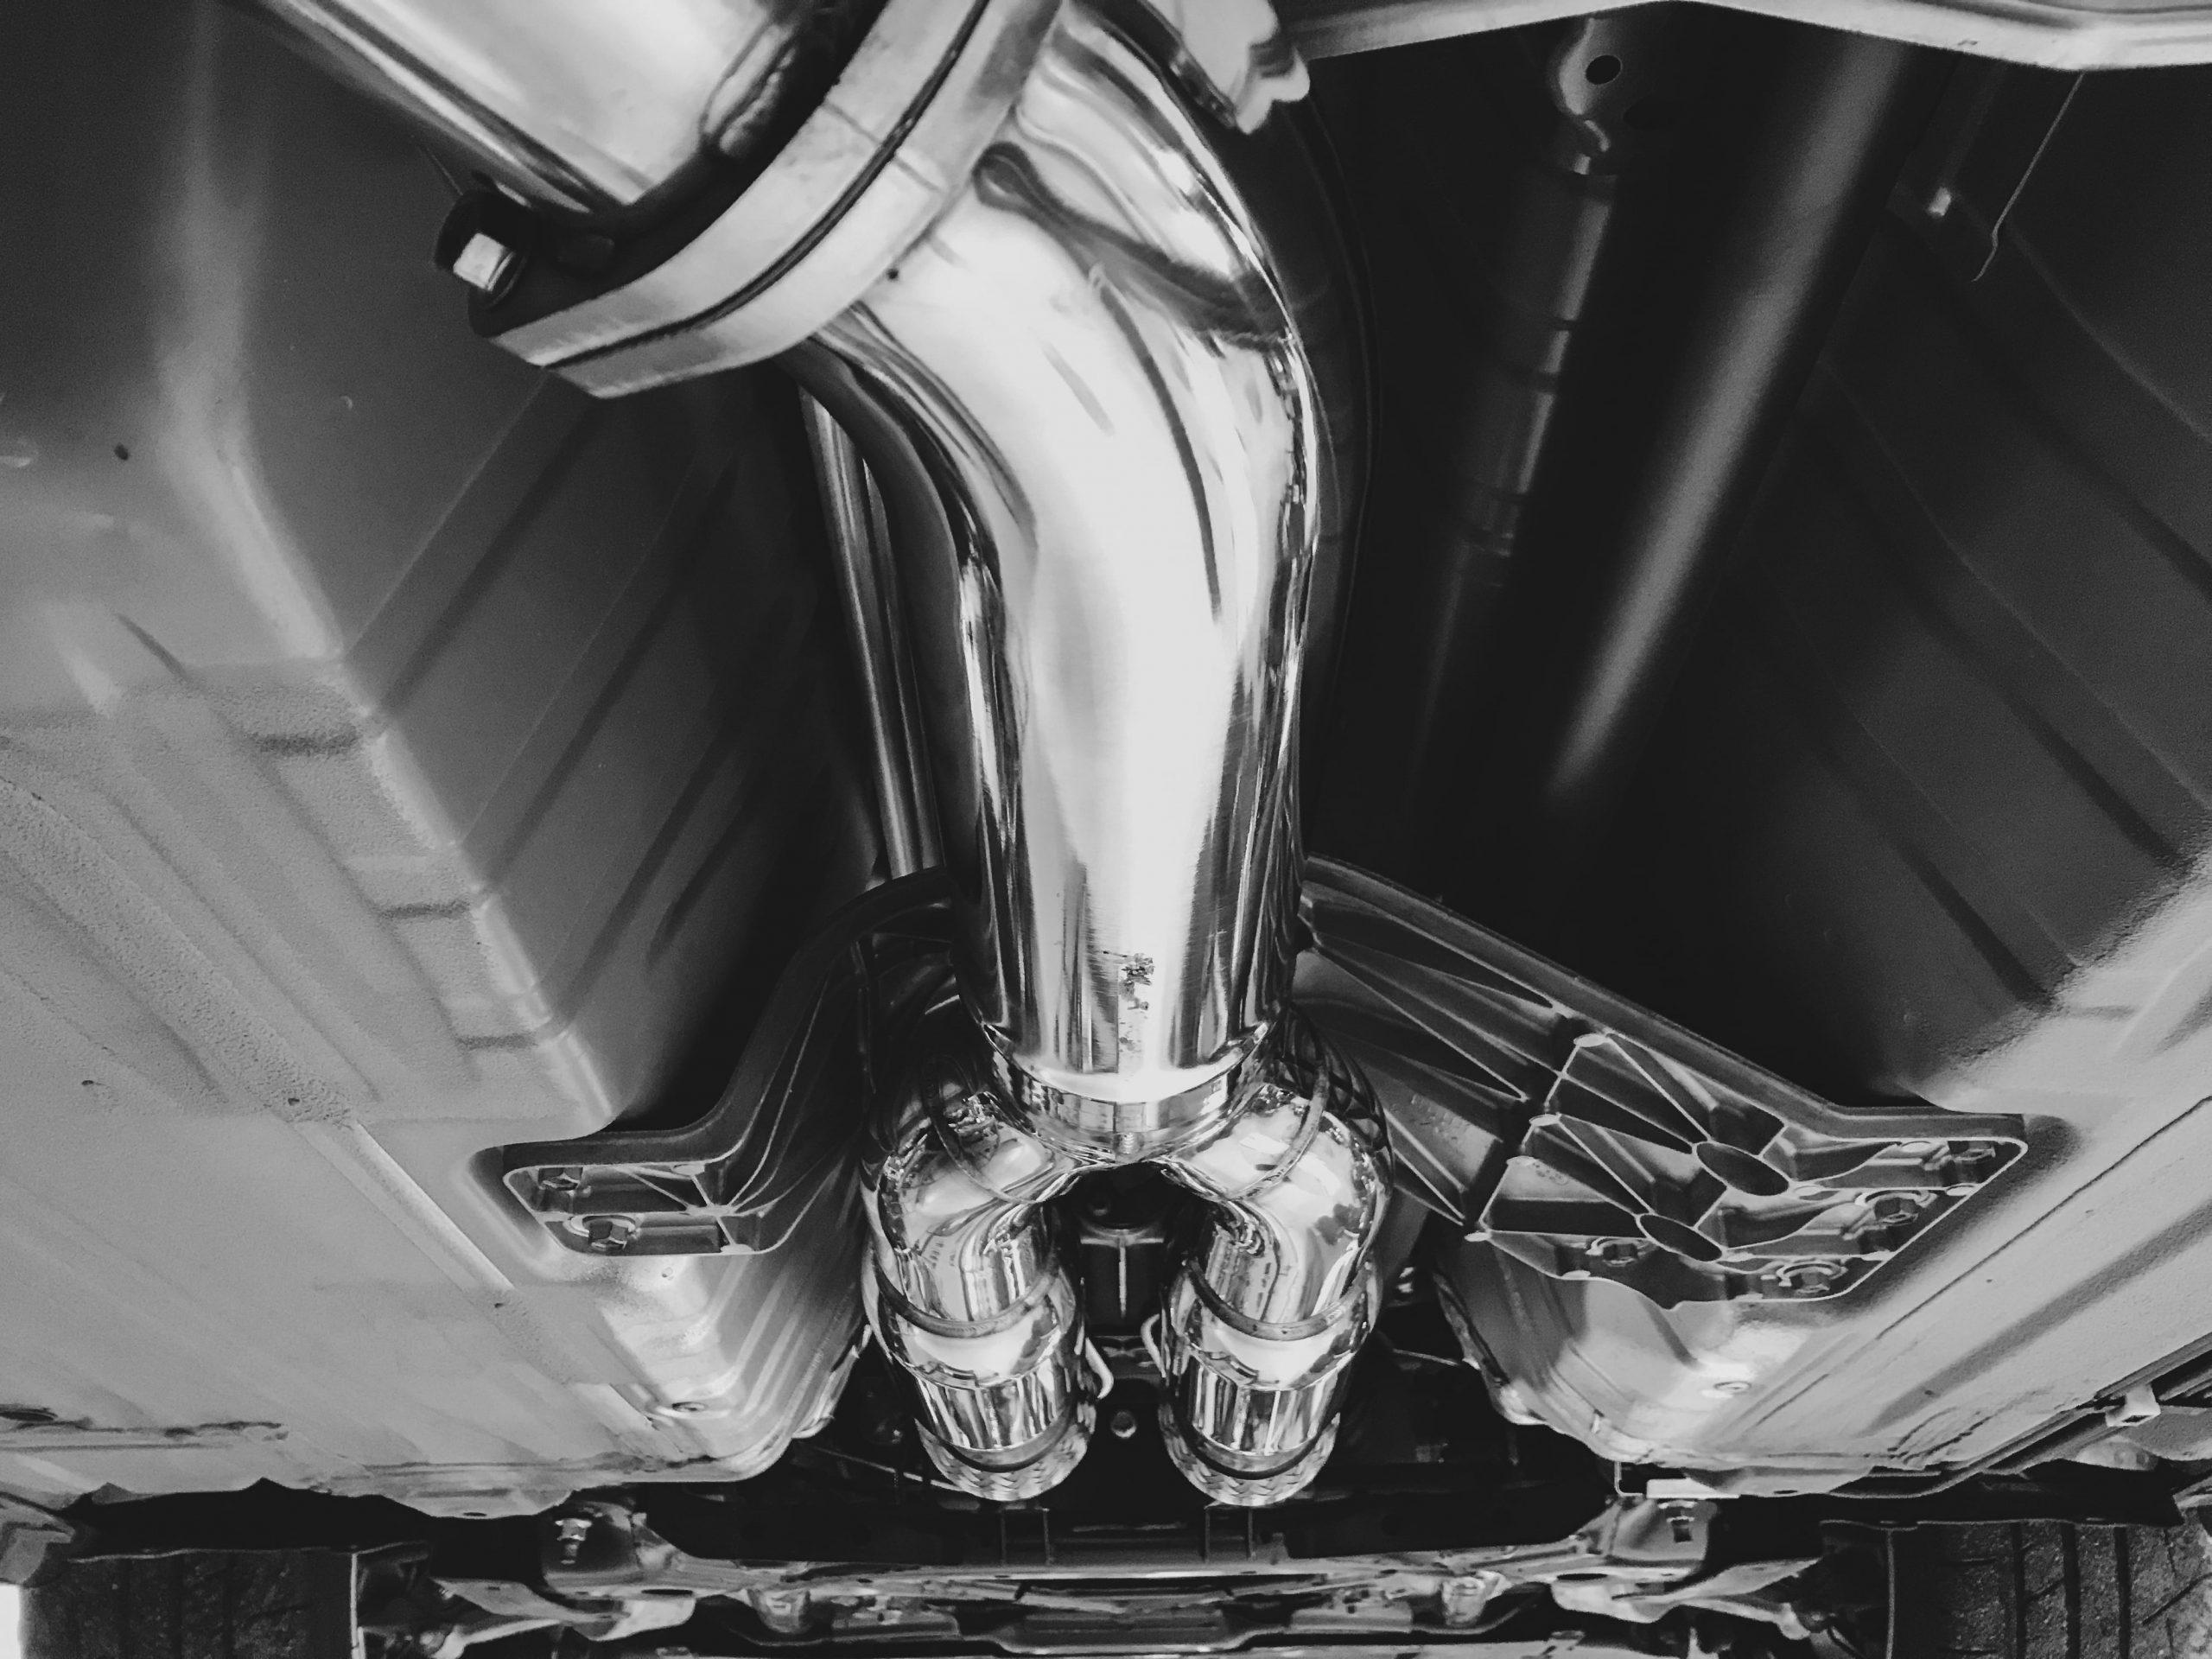 gtr_exhaust_upgrade